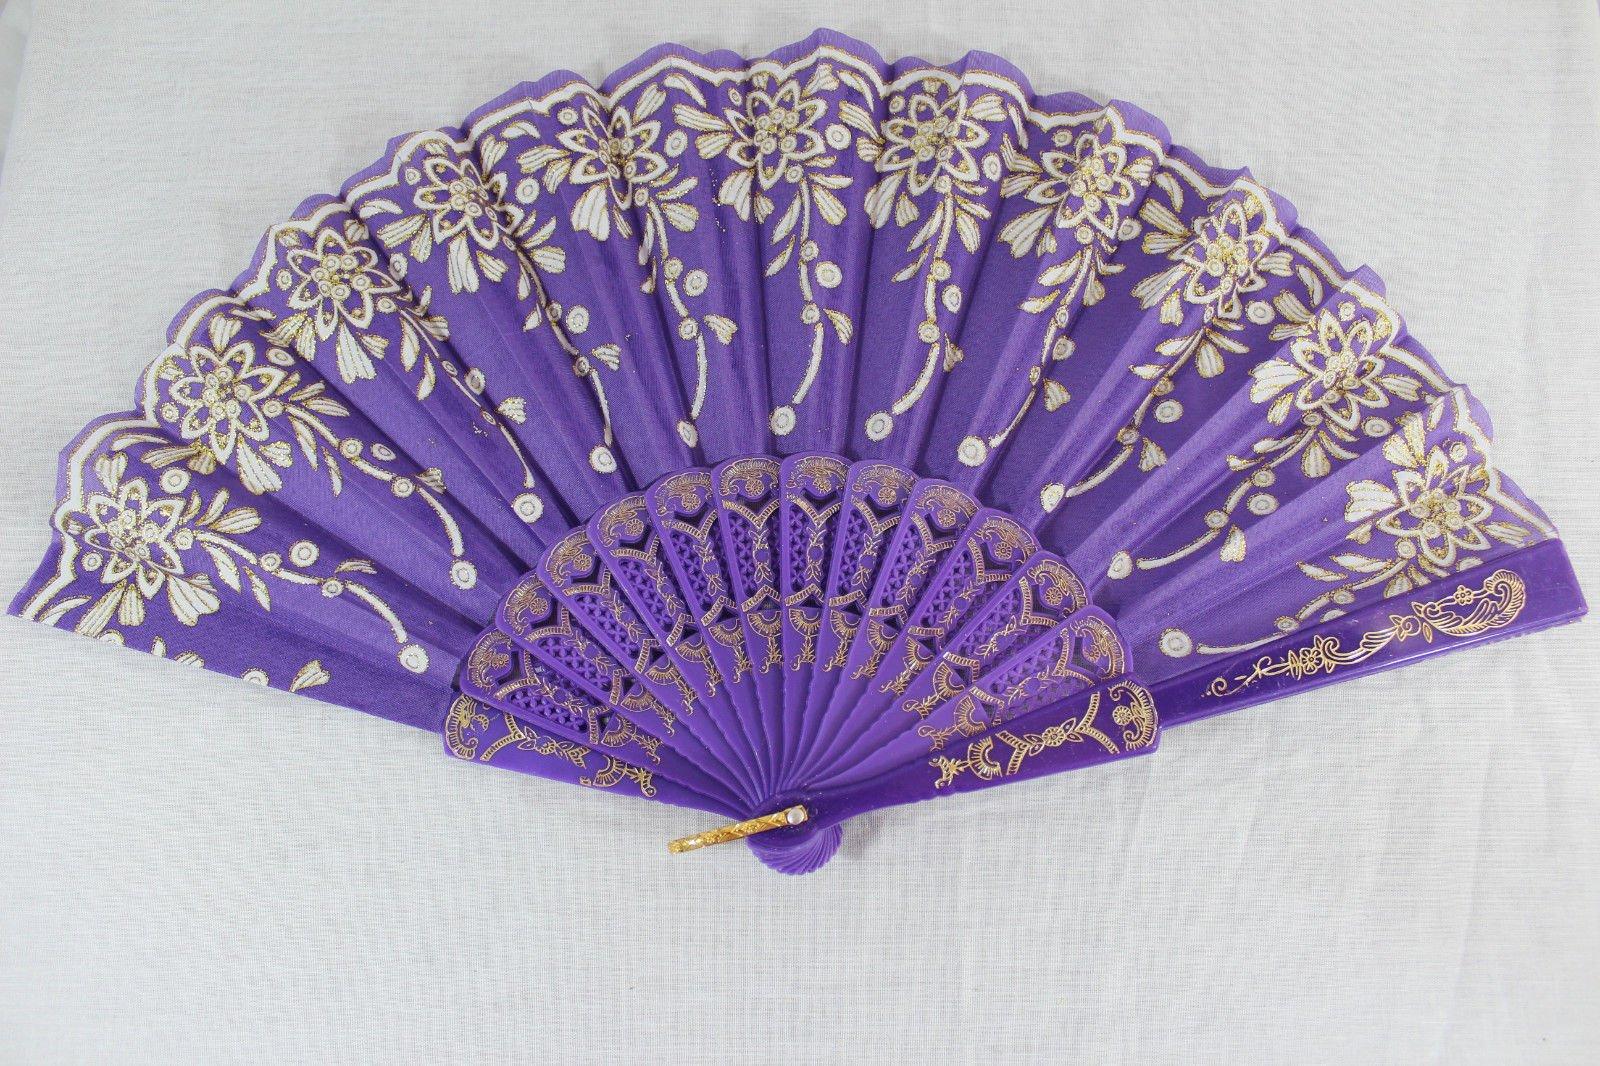 Purple Vintage Spanish Style Dance Party Wedding Lace Folding Hand Held Flower Fan